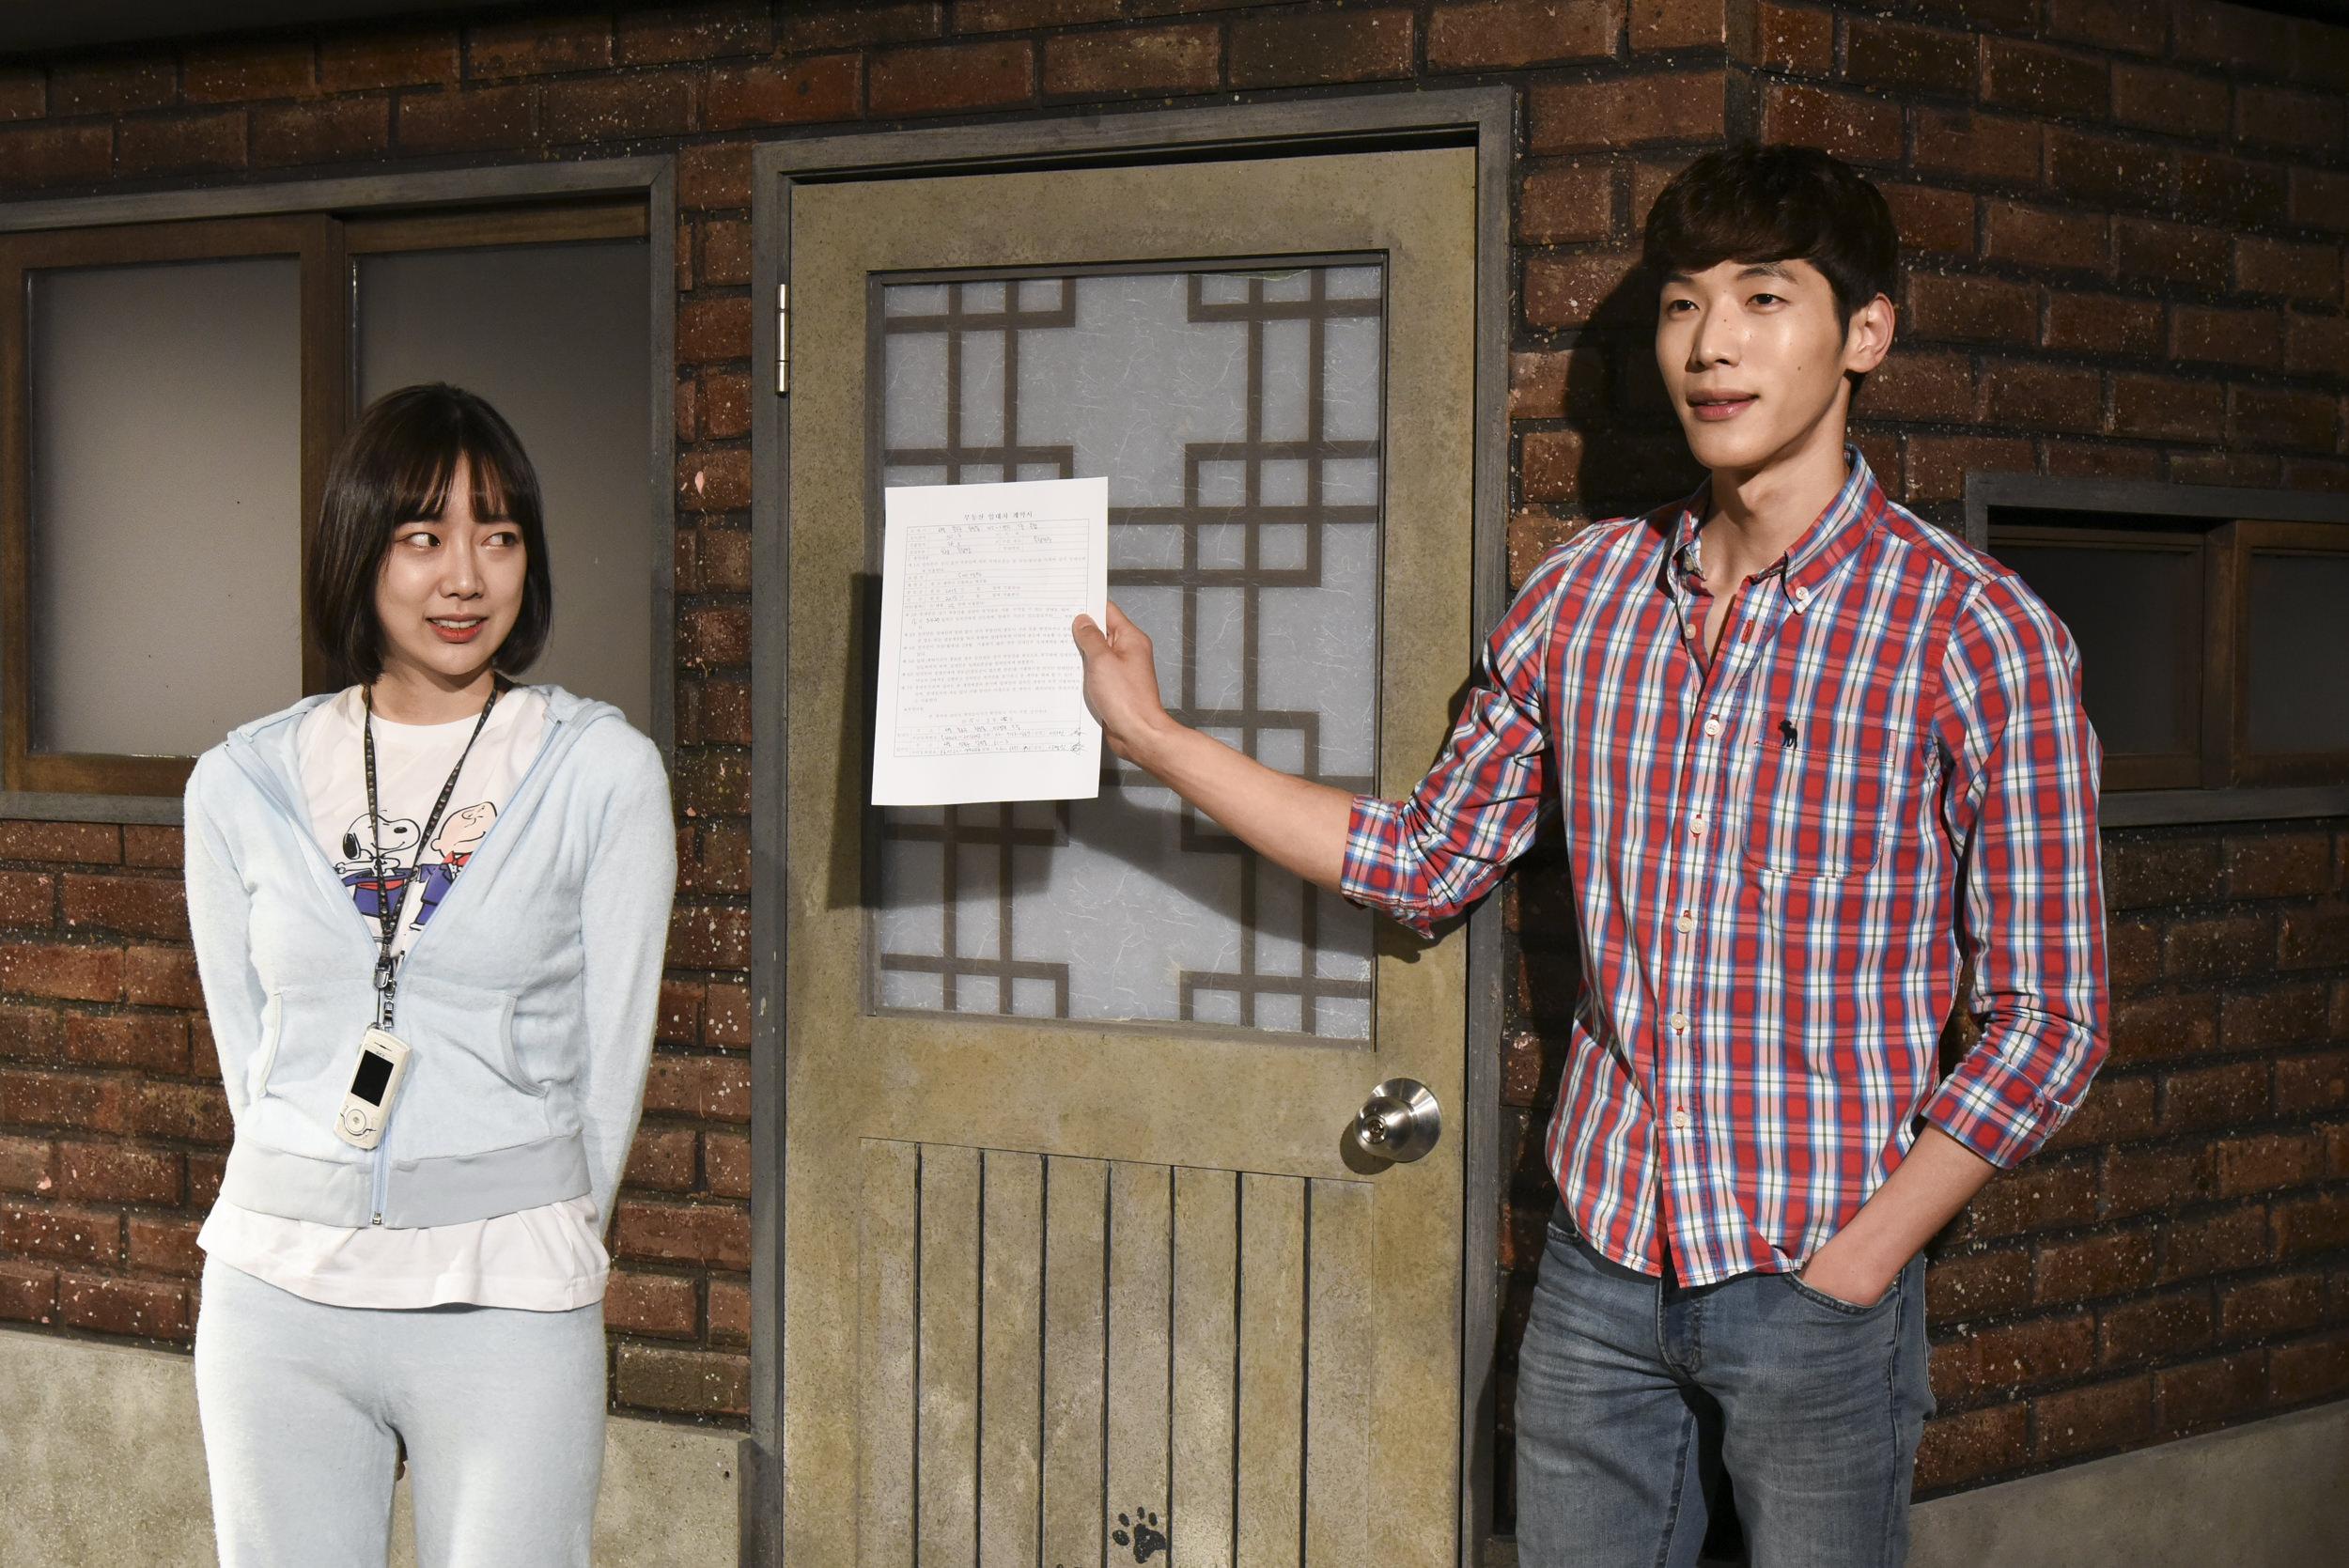 韓国ドラマらしい、突っ込みどころ満載のあり得ないストーリーがツボ(笑)※演劇「屋上部屋のネコ」からの提供写真です